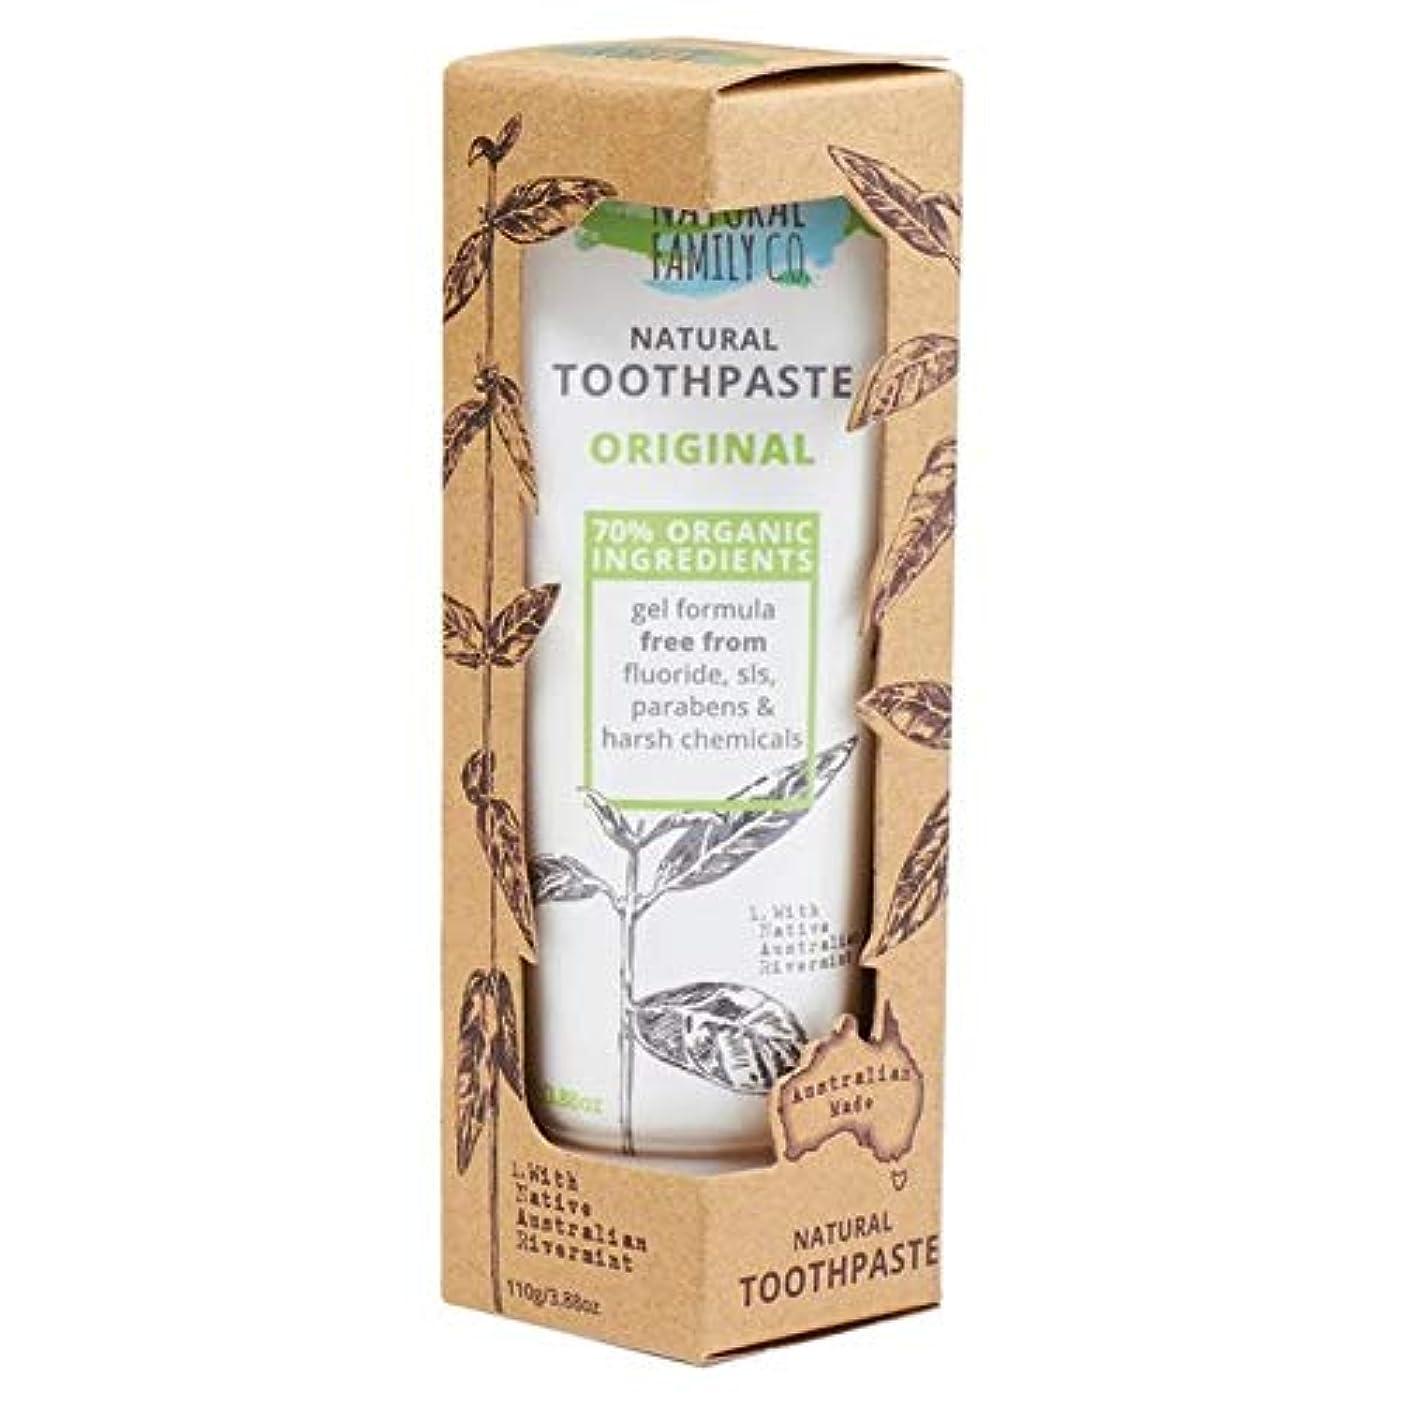 満たすキウイ電話に出る[Natural Family ] 自然な家族の元歯磨き粉の110グラム - Natural Family Original Toothpaste 110g [並行輸入品]